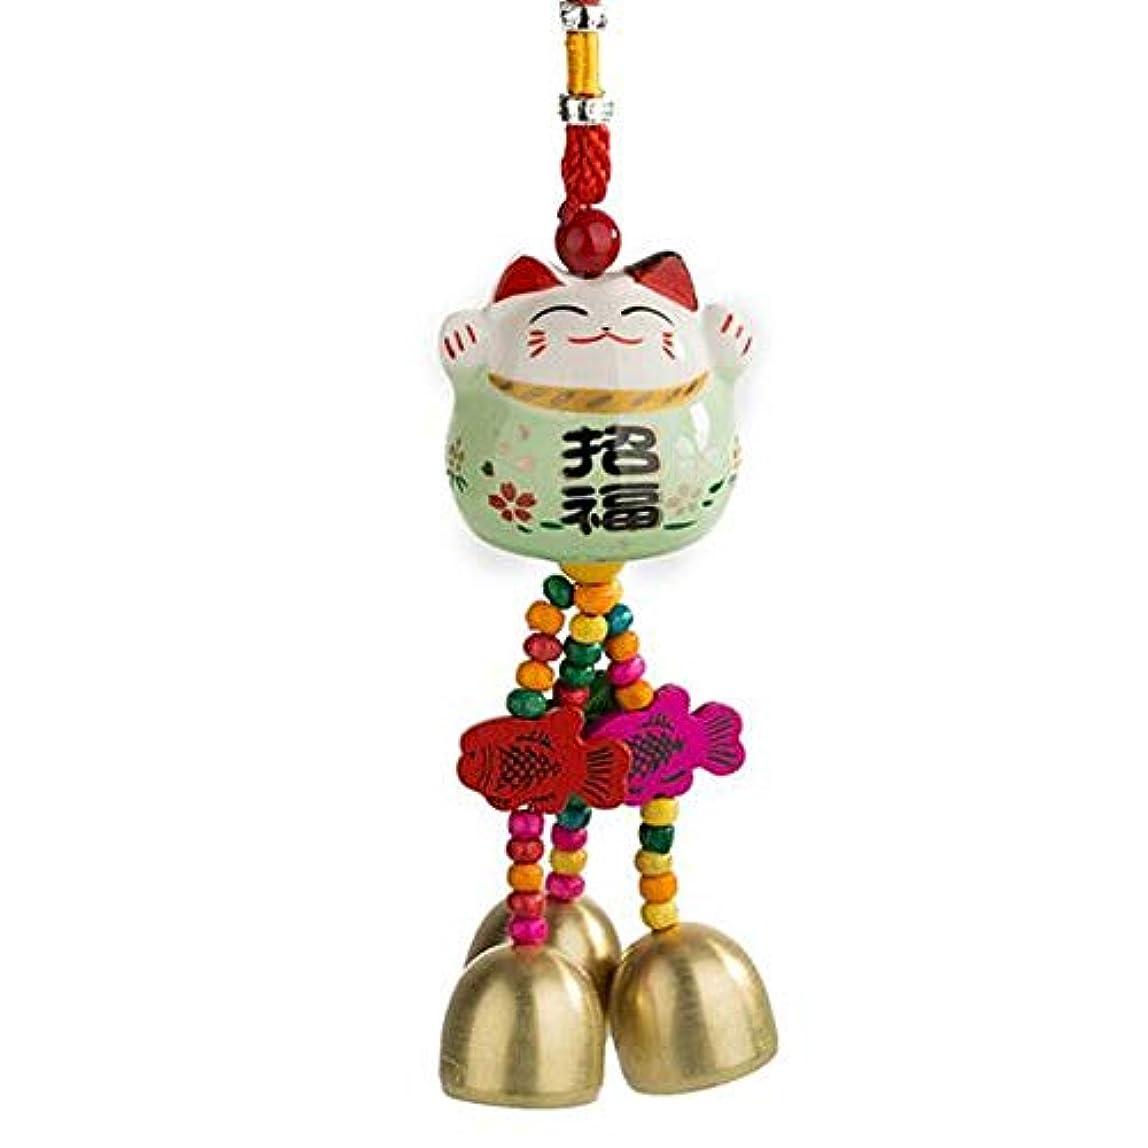 近々援助凍るGaoxingbianlidian001 風チャイム、かわいいクリエイティブセラミック猫風の鐘、オレンジ、ロング28センチメートル,楽しいホリデーギフト (Color : Green)